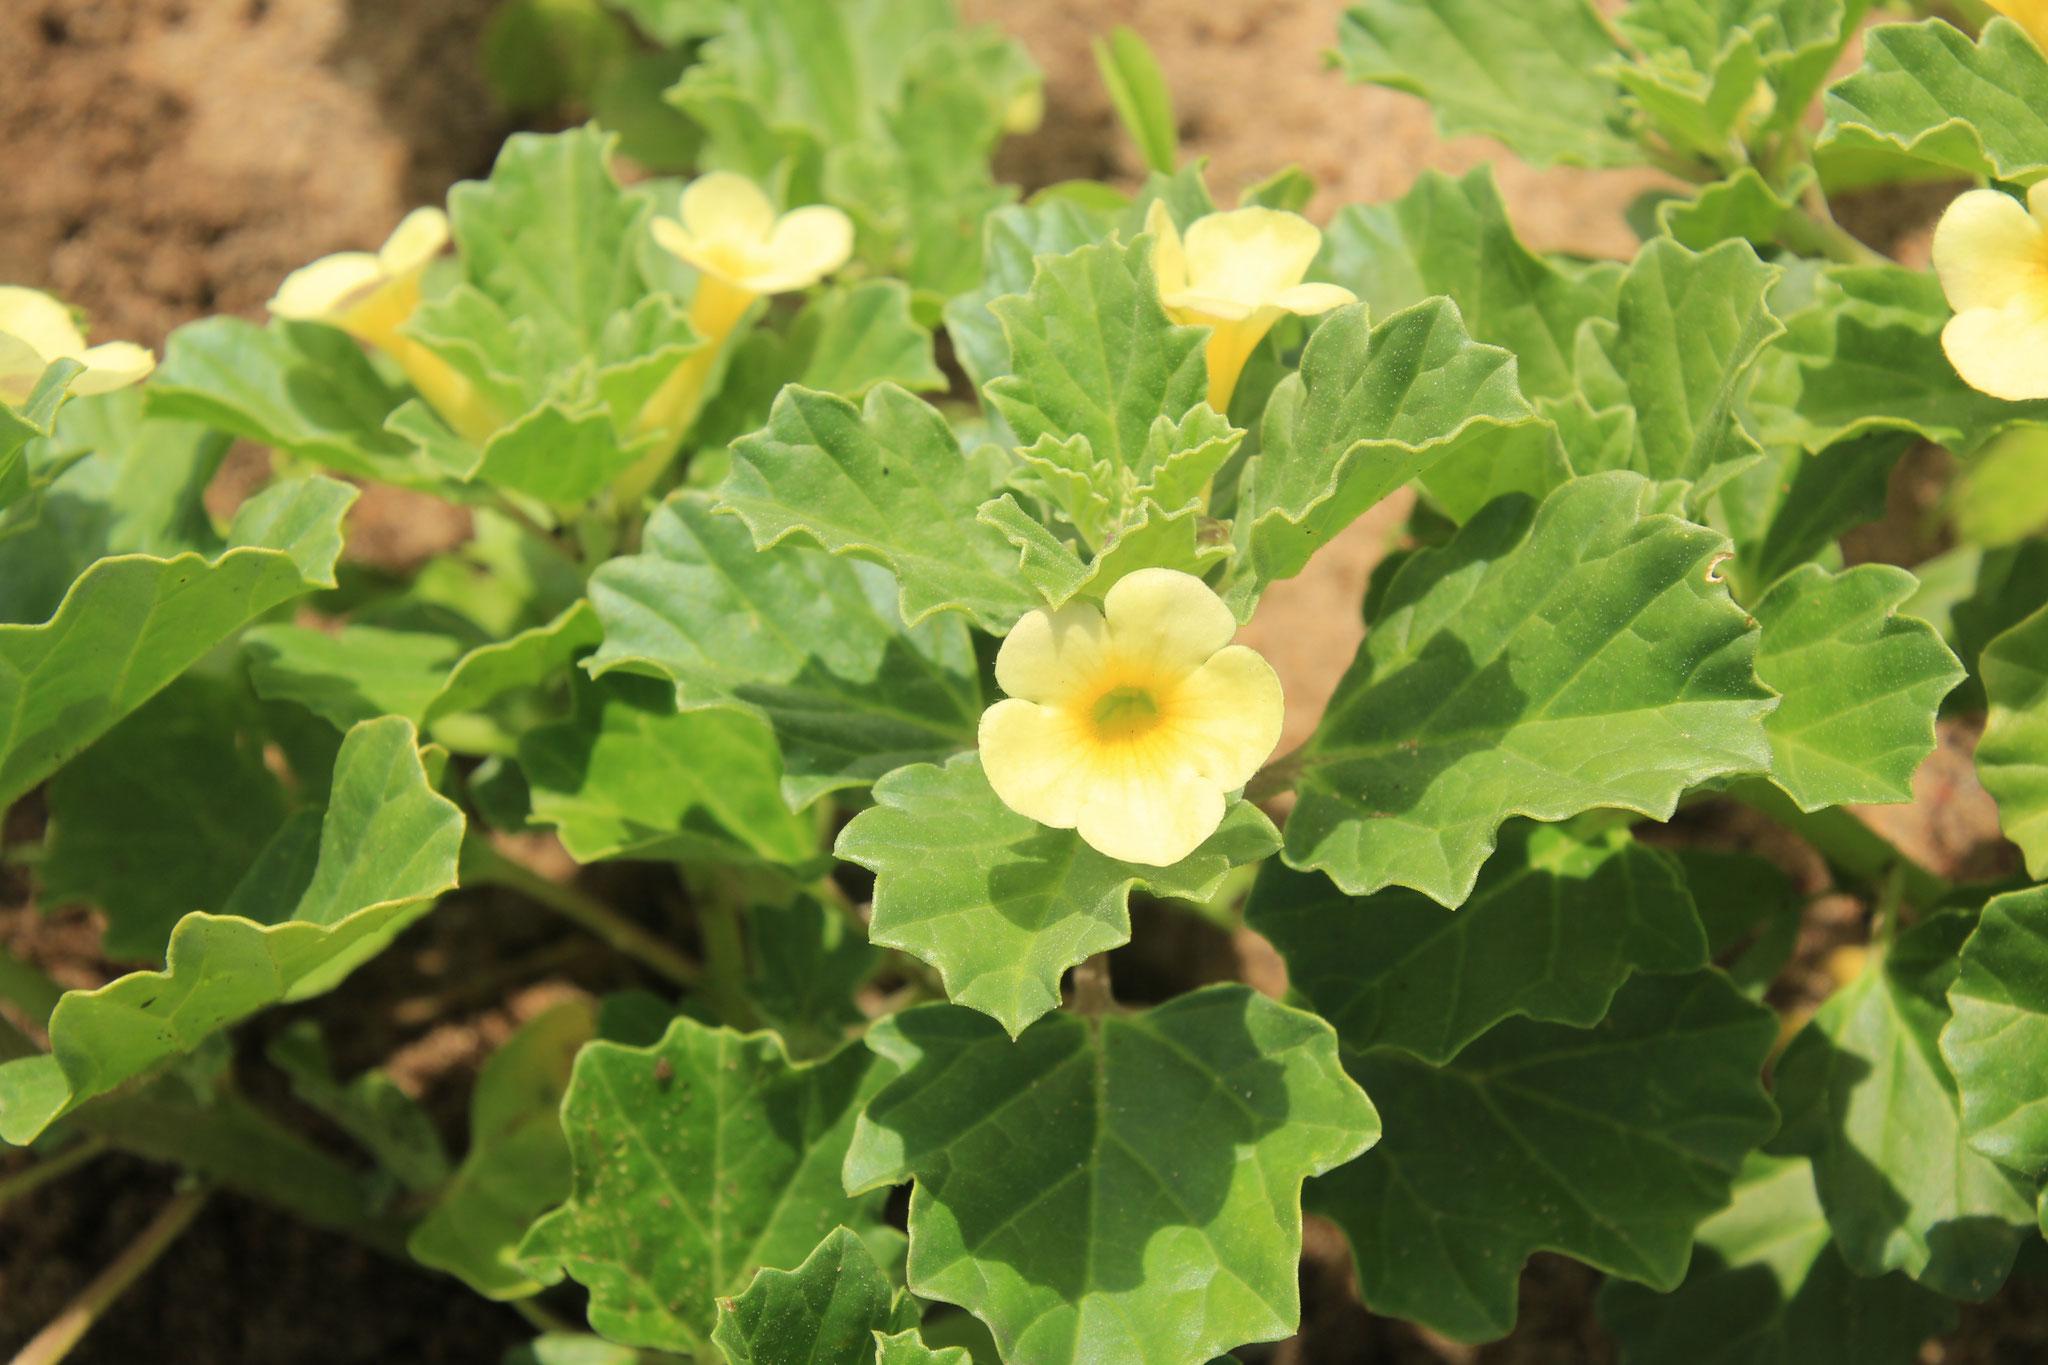 Wenn ich kleinere schöne Pflanzen sehe, Pflanze ich sie auch in meinem Garten.